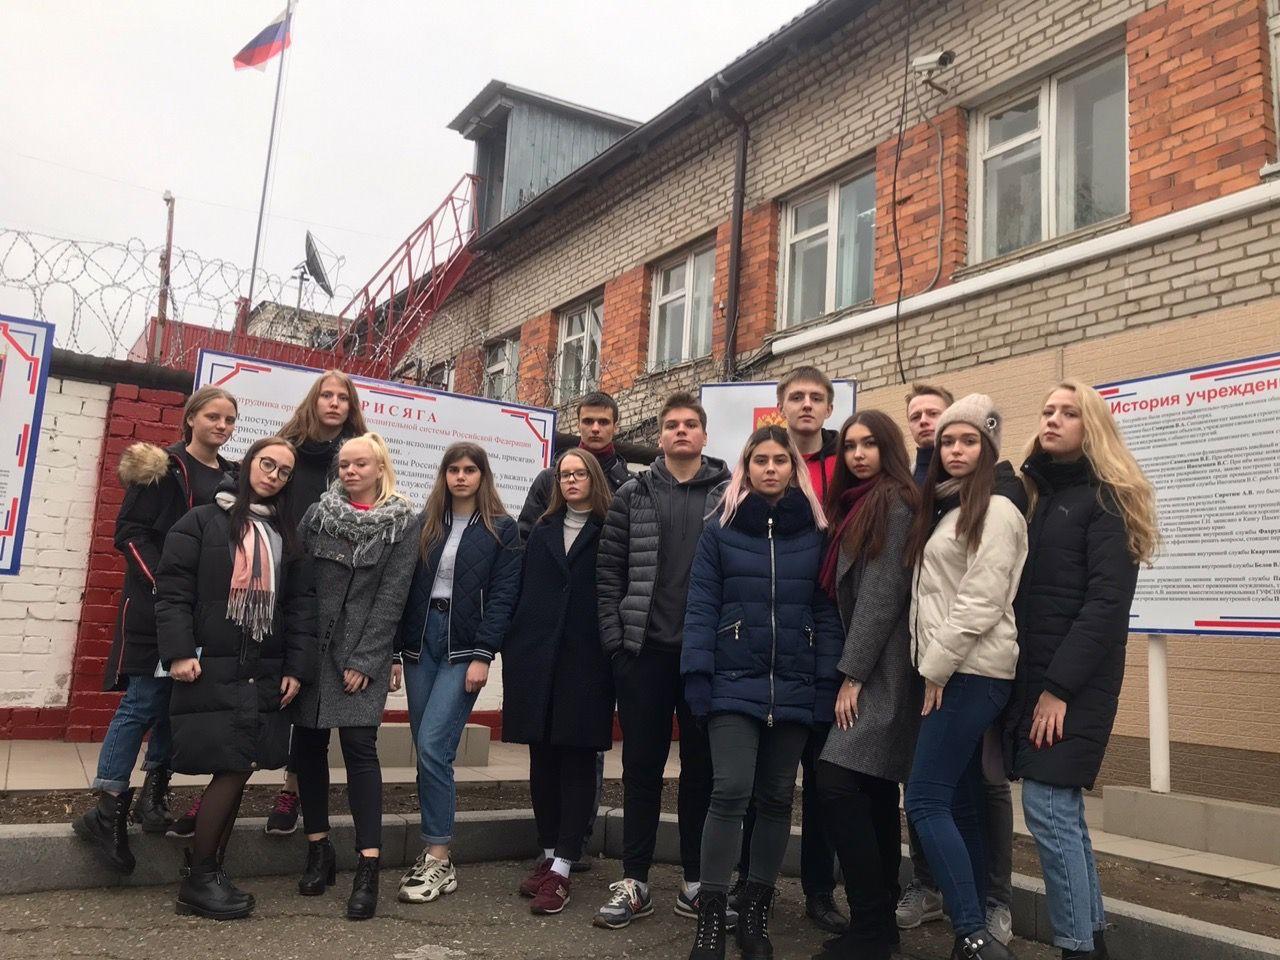 13 ноября 2019 года группа - БЮП-19-01 совместно с группой БЮП-19-04 посетили Лечебно-исправительное учреждение №23 в городе Уссурийск.